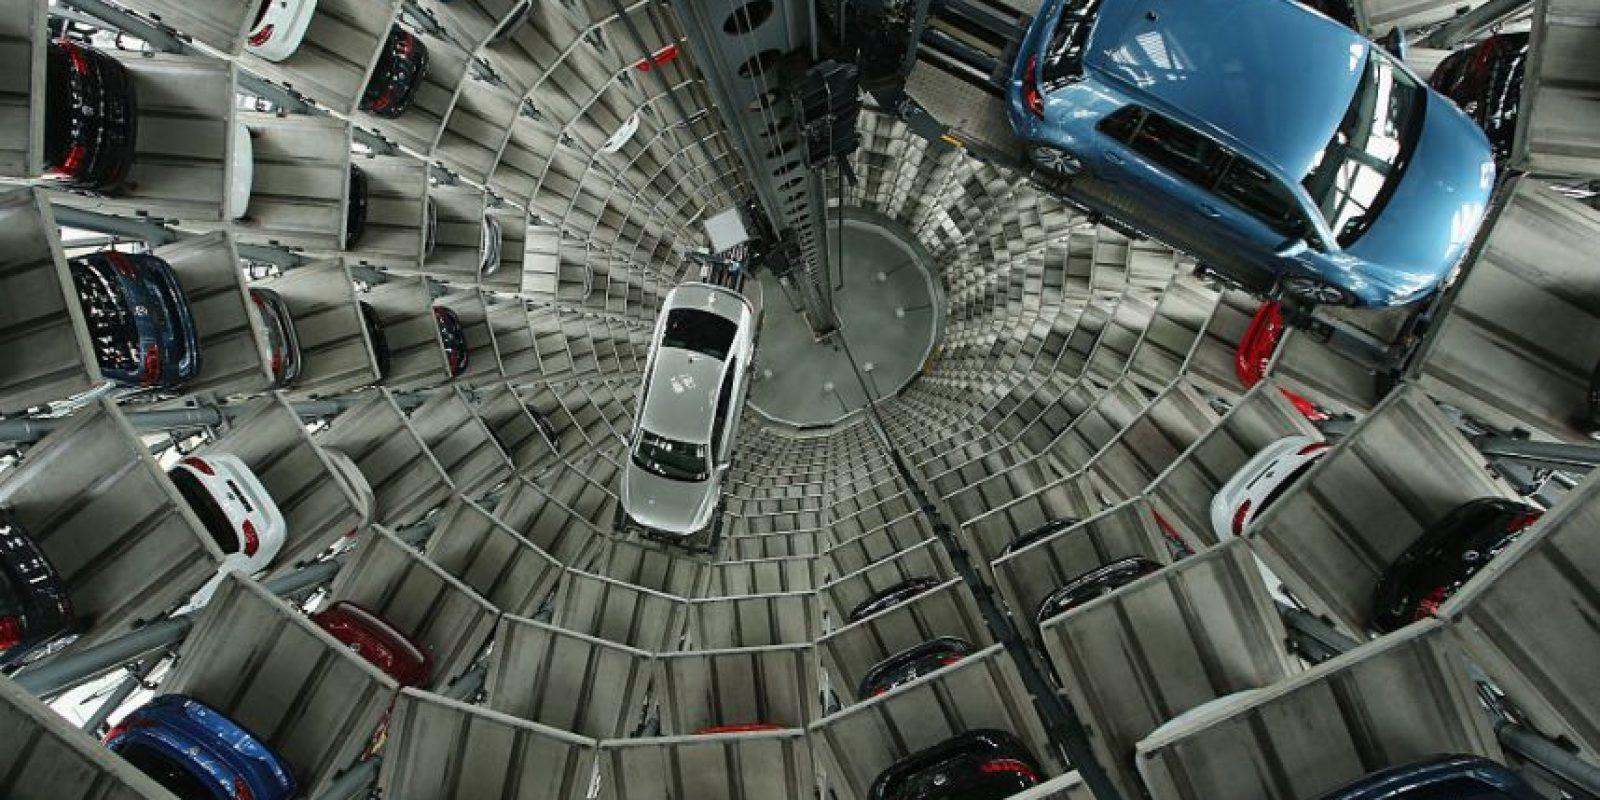 """El plan, llamado """"Juntos – Estrategia 2025"""", también incluye un énfasis en la movilidad digital, lo que podría implicar aplicaciones para autos o para compartir vehículos. Foto:Getty Images/ Archivo"""